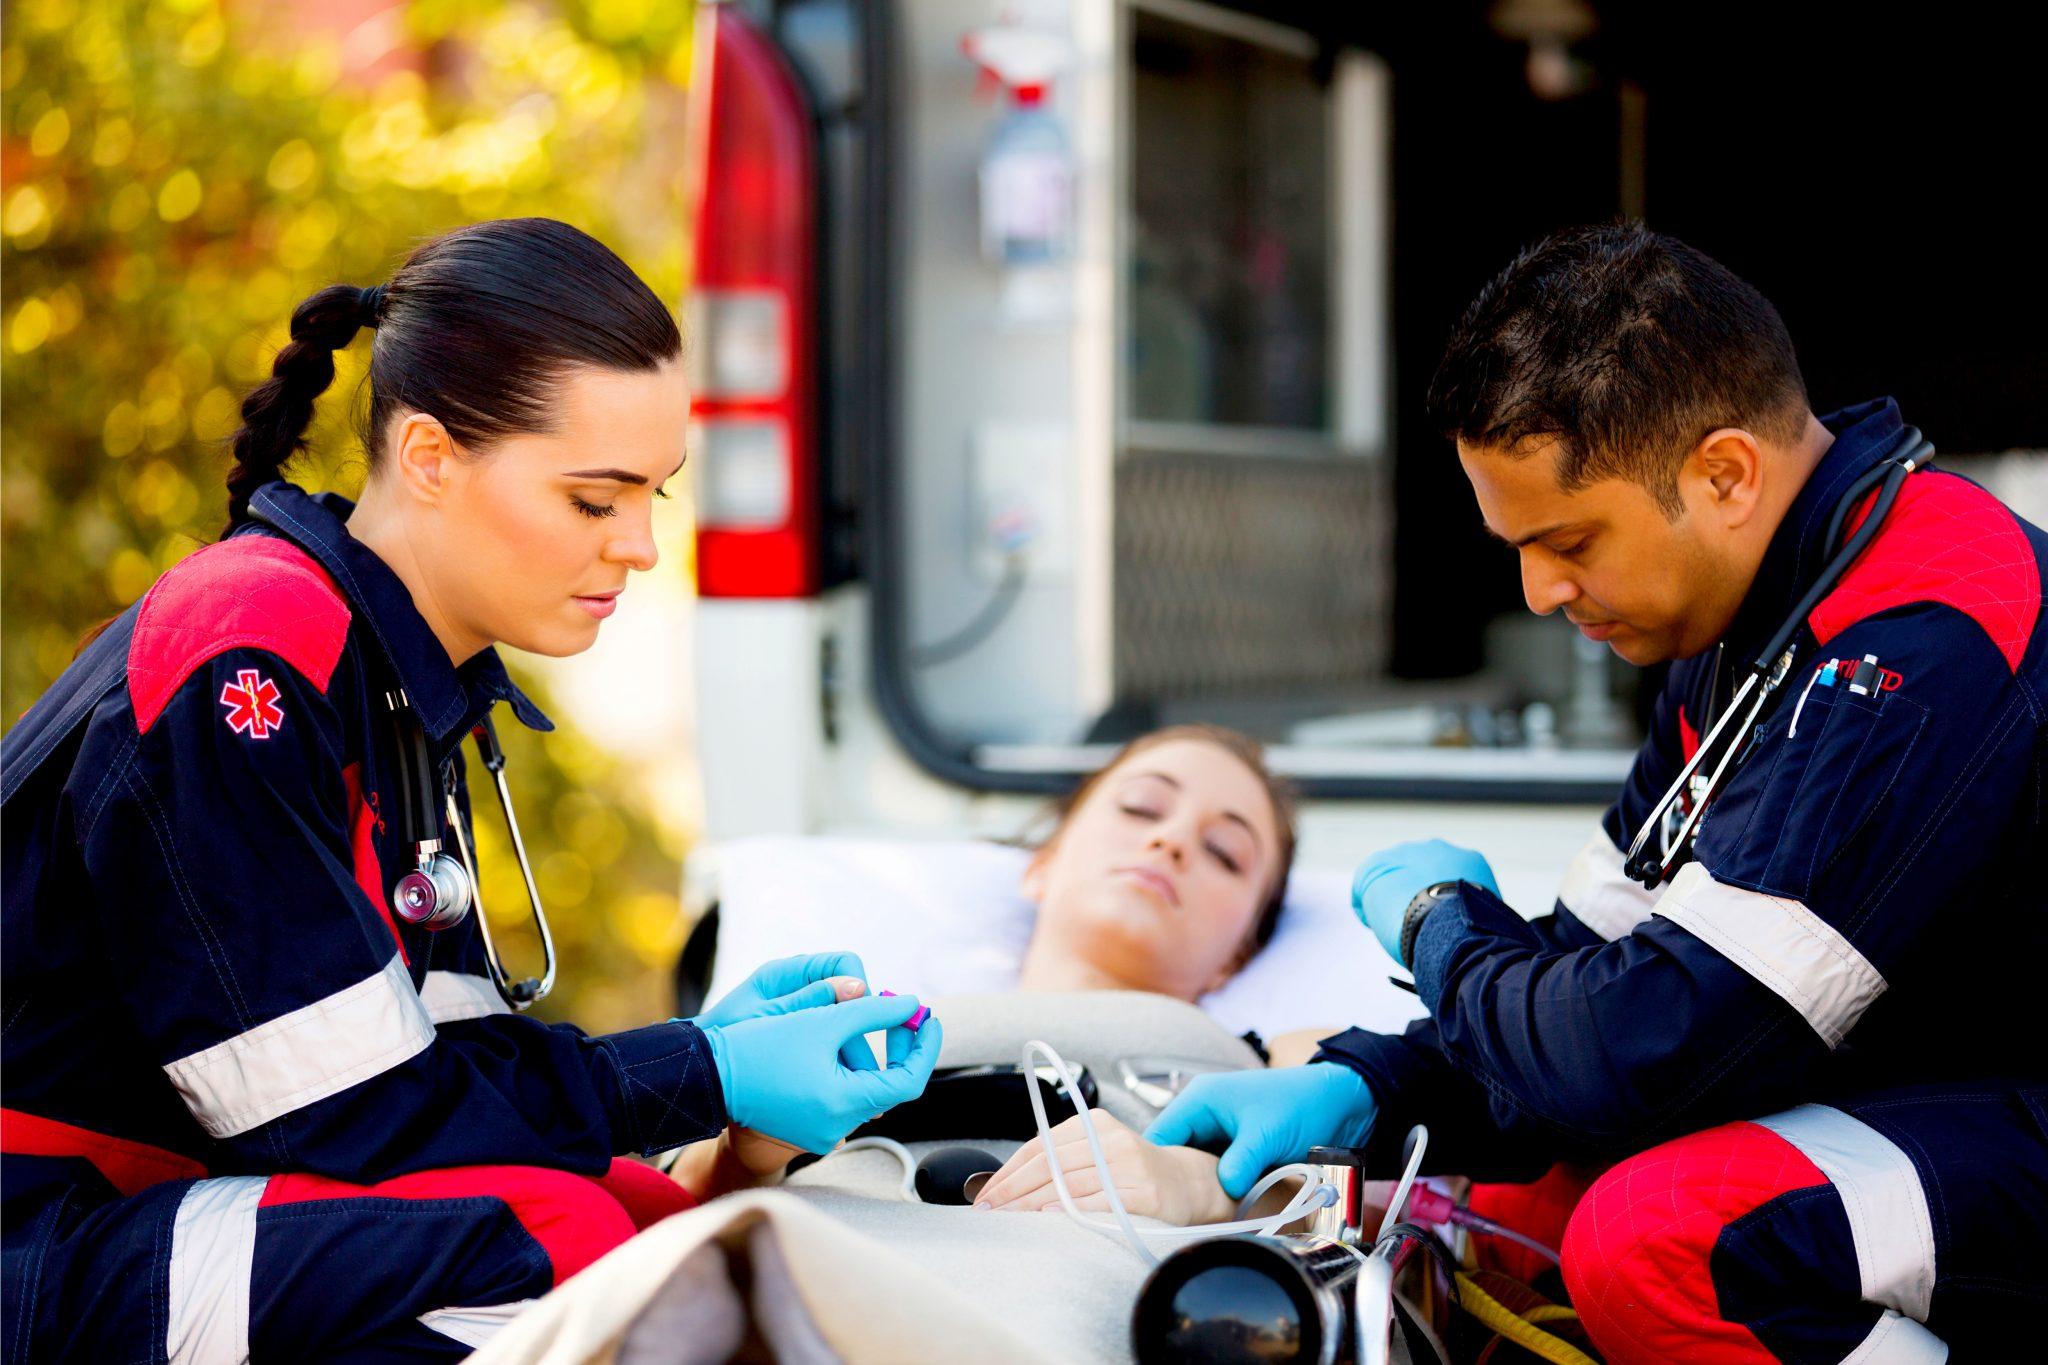 アナフィラキシーショックで救急隊員に運ばれている女性